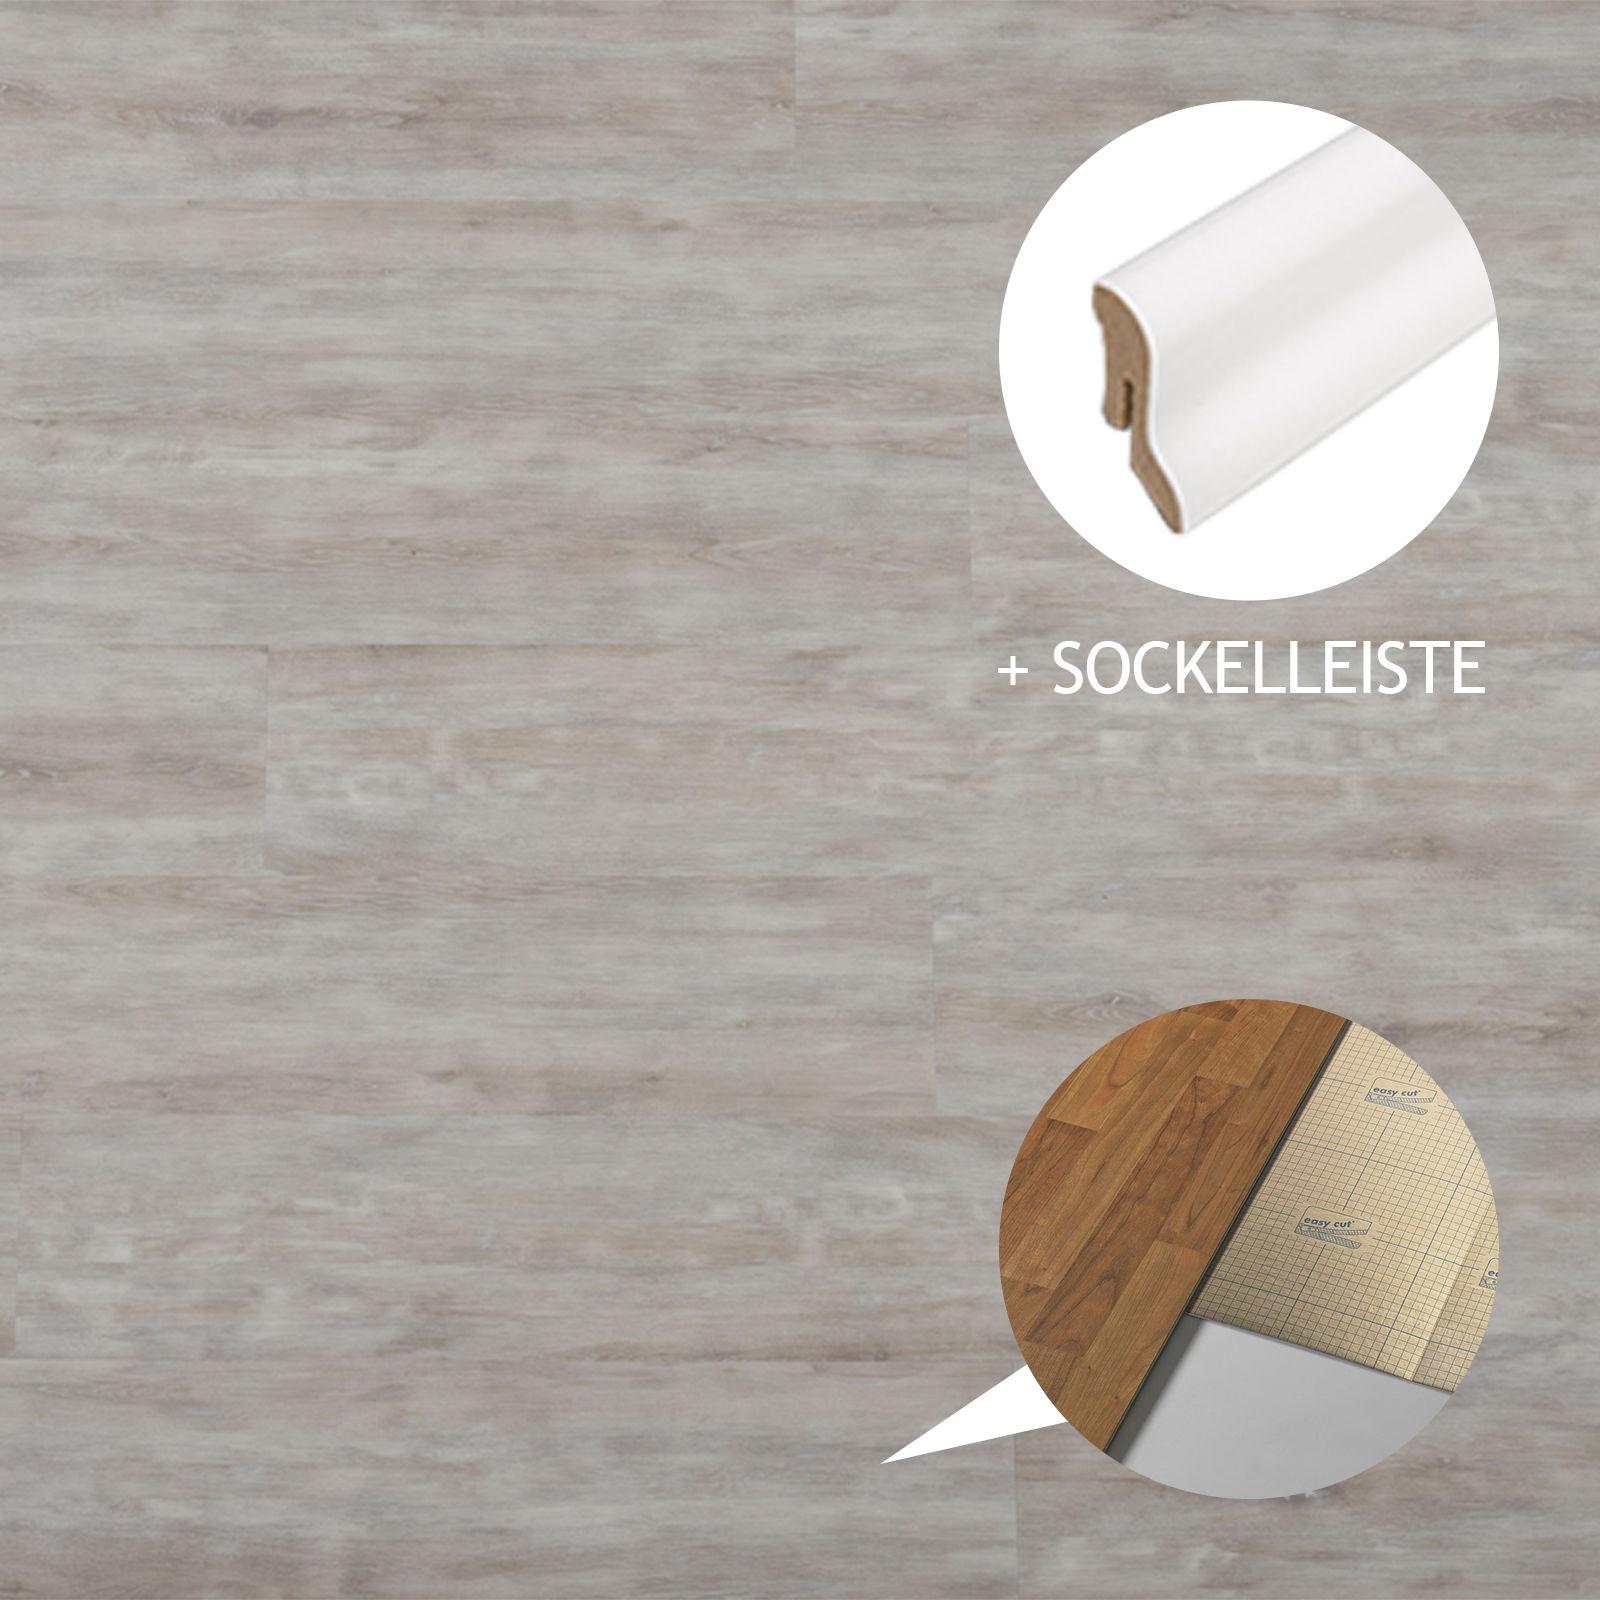 hori vinylboden pvc klick boden eiche sydney schlossdiele d mmung leisten ebay. Black Bedroom Furniture Sets. Home Design Ideas